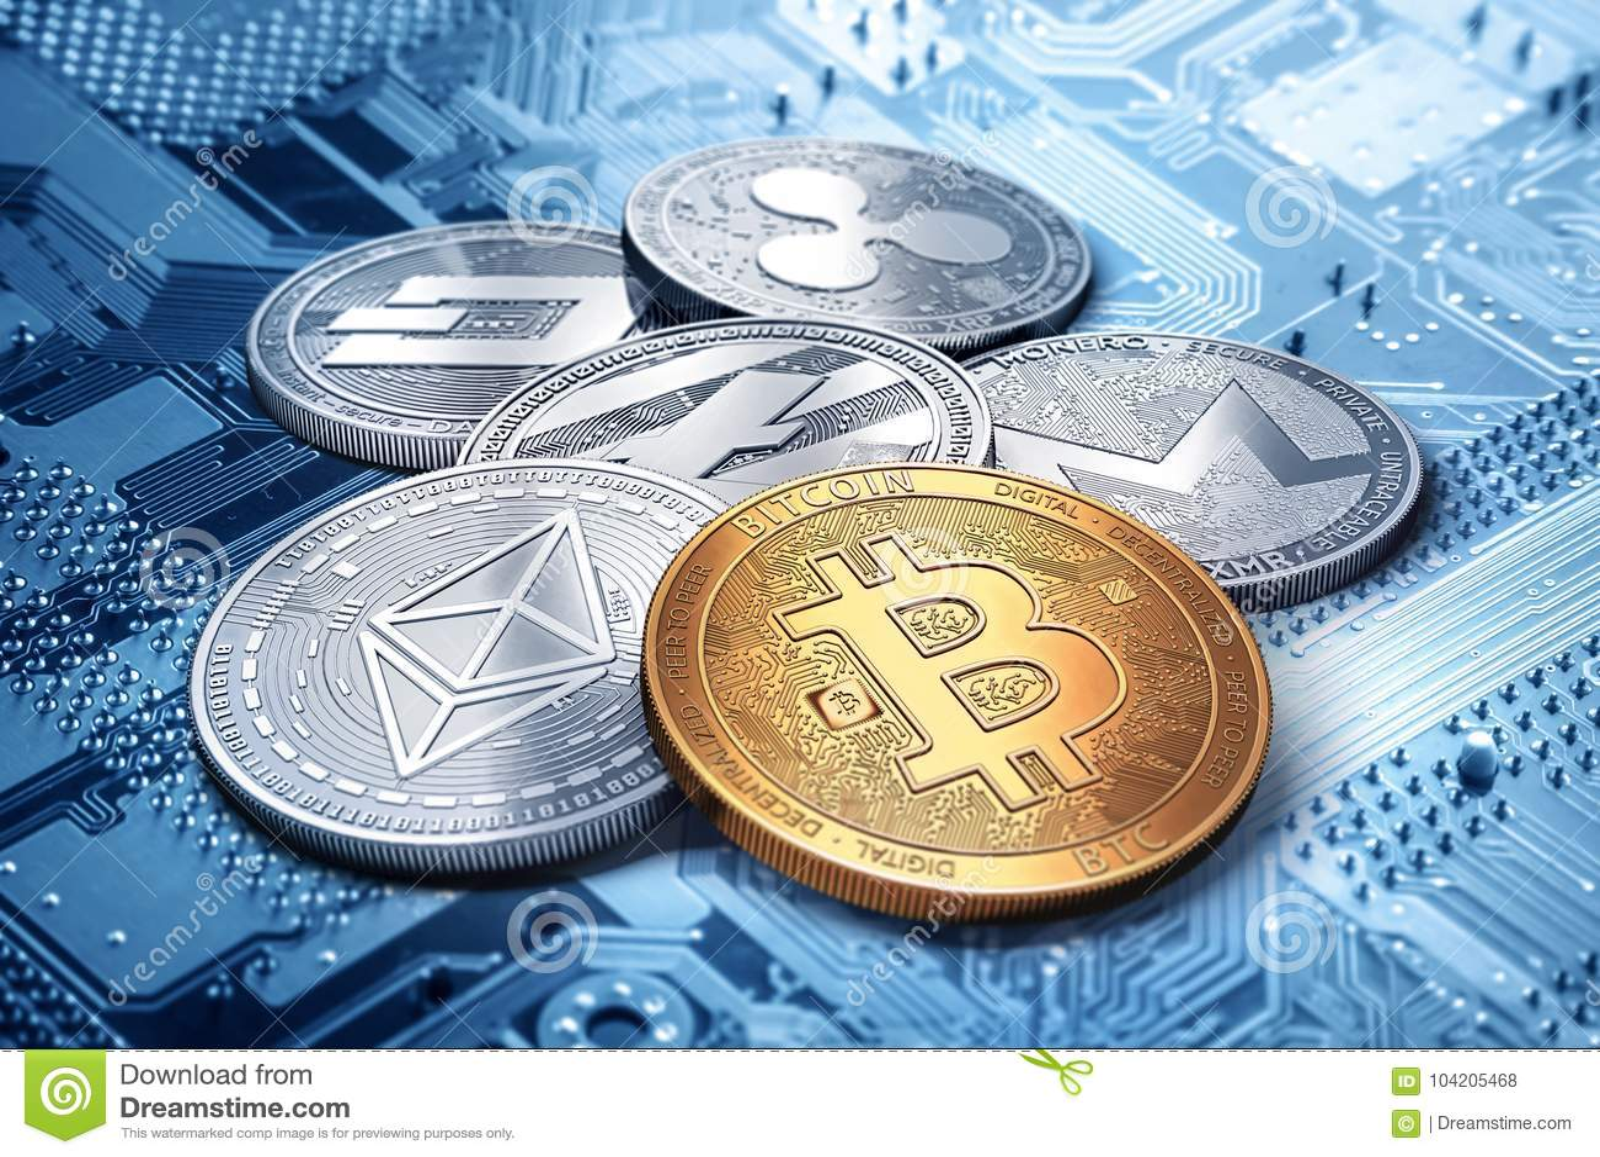 Pile de cryptocurrencies : bitcoin, ethereum, litecoin, monero, tiret, et pièce de monnaie d ondulation ensemble, rendu 3D